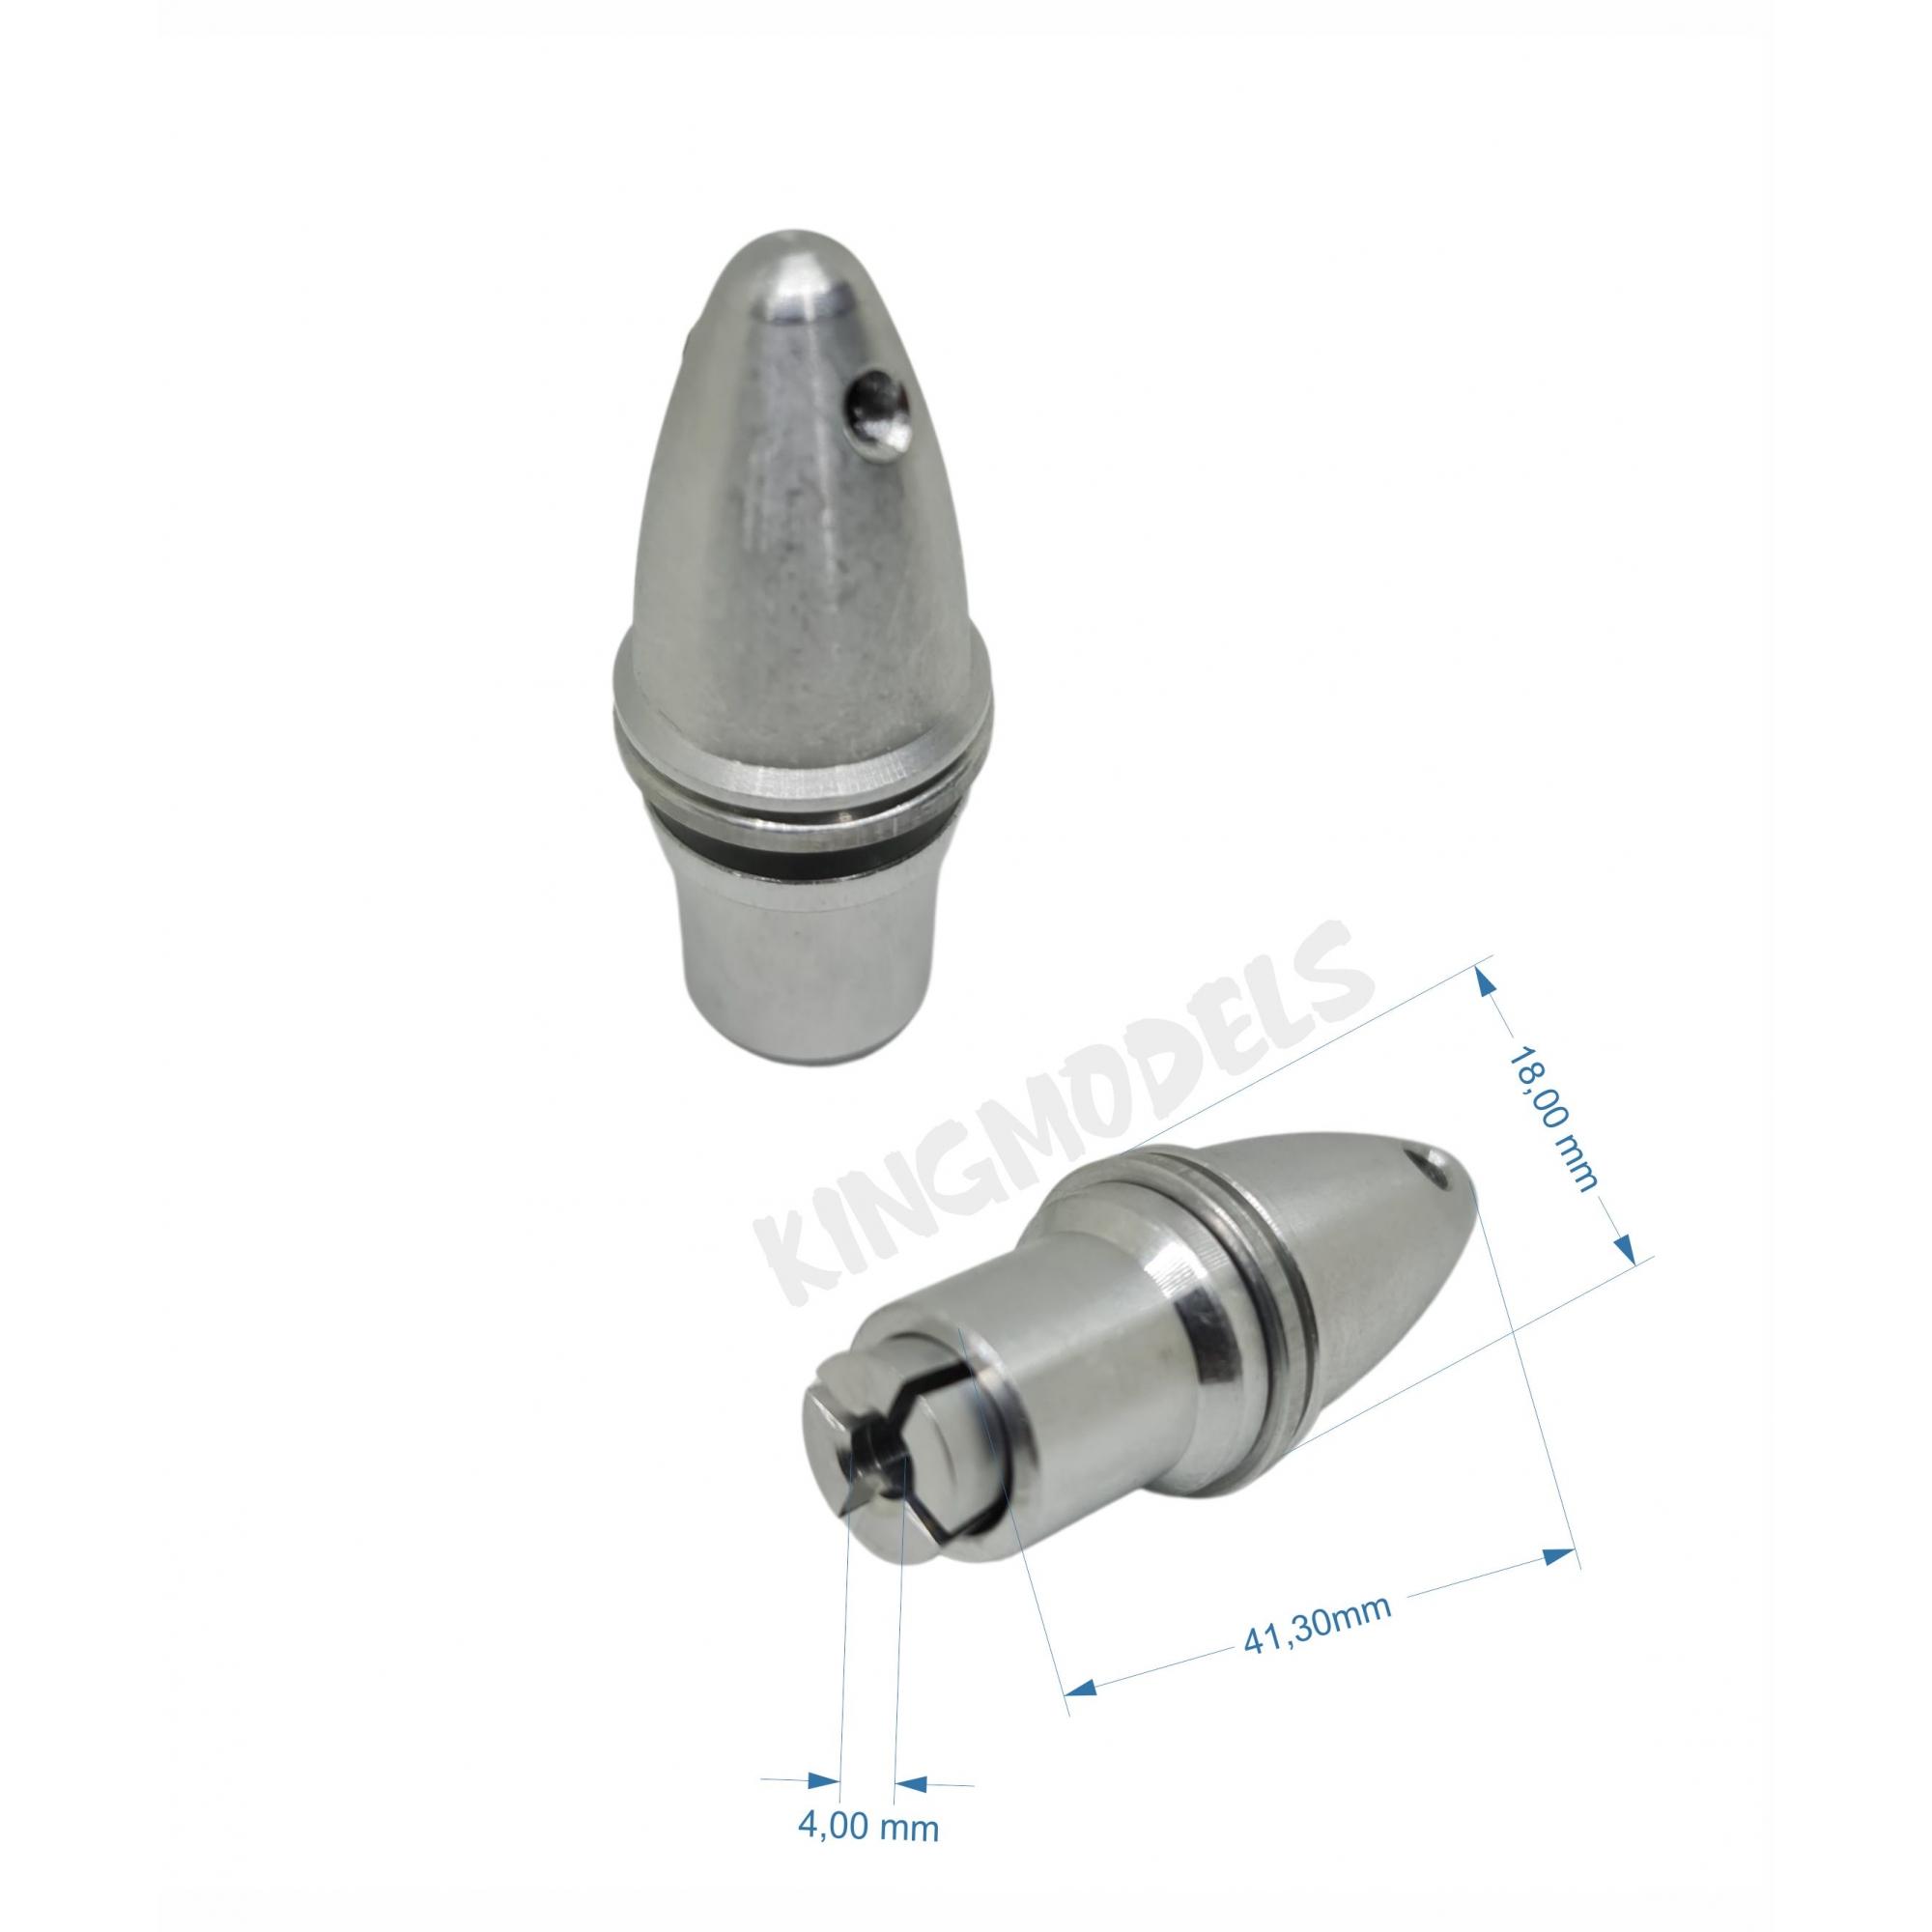 Spinner Alumínio P/ Motor Brushless C/ Eixo 4mm Mod. Mandril  - King Models